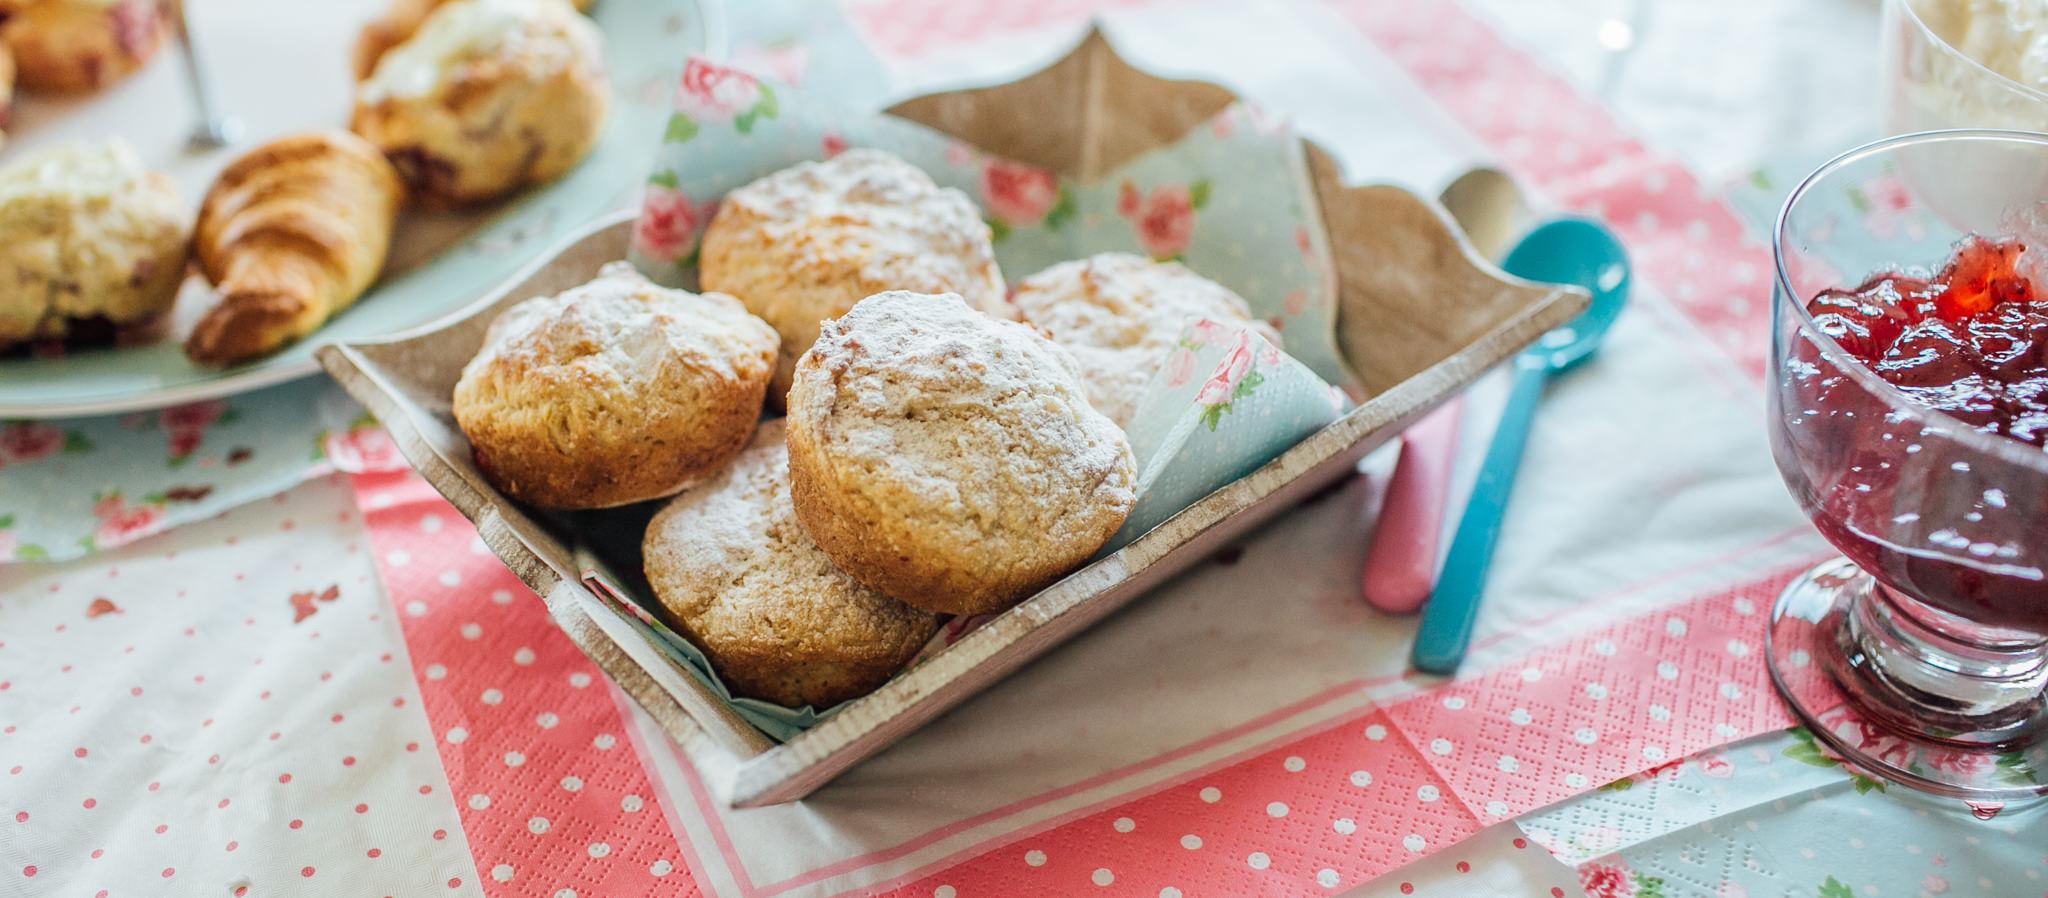 Homemade scone recipe